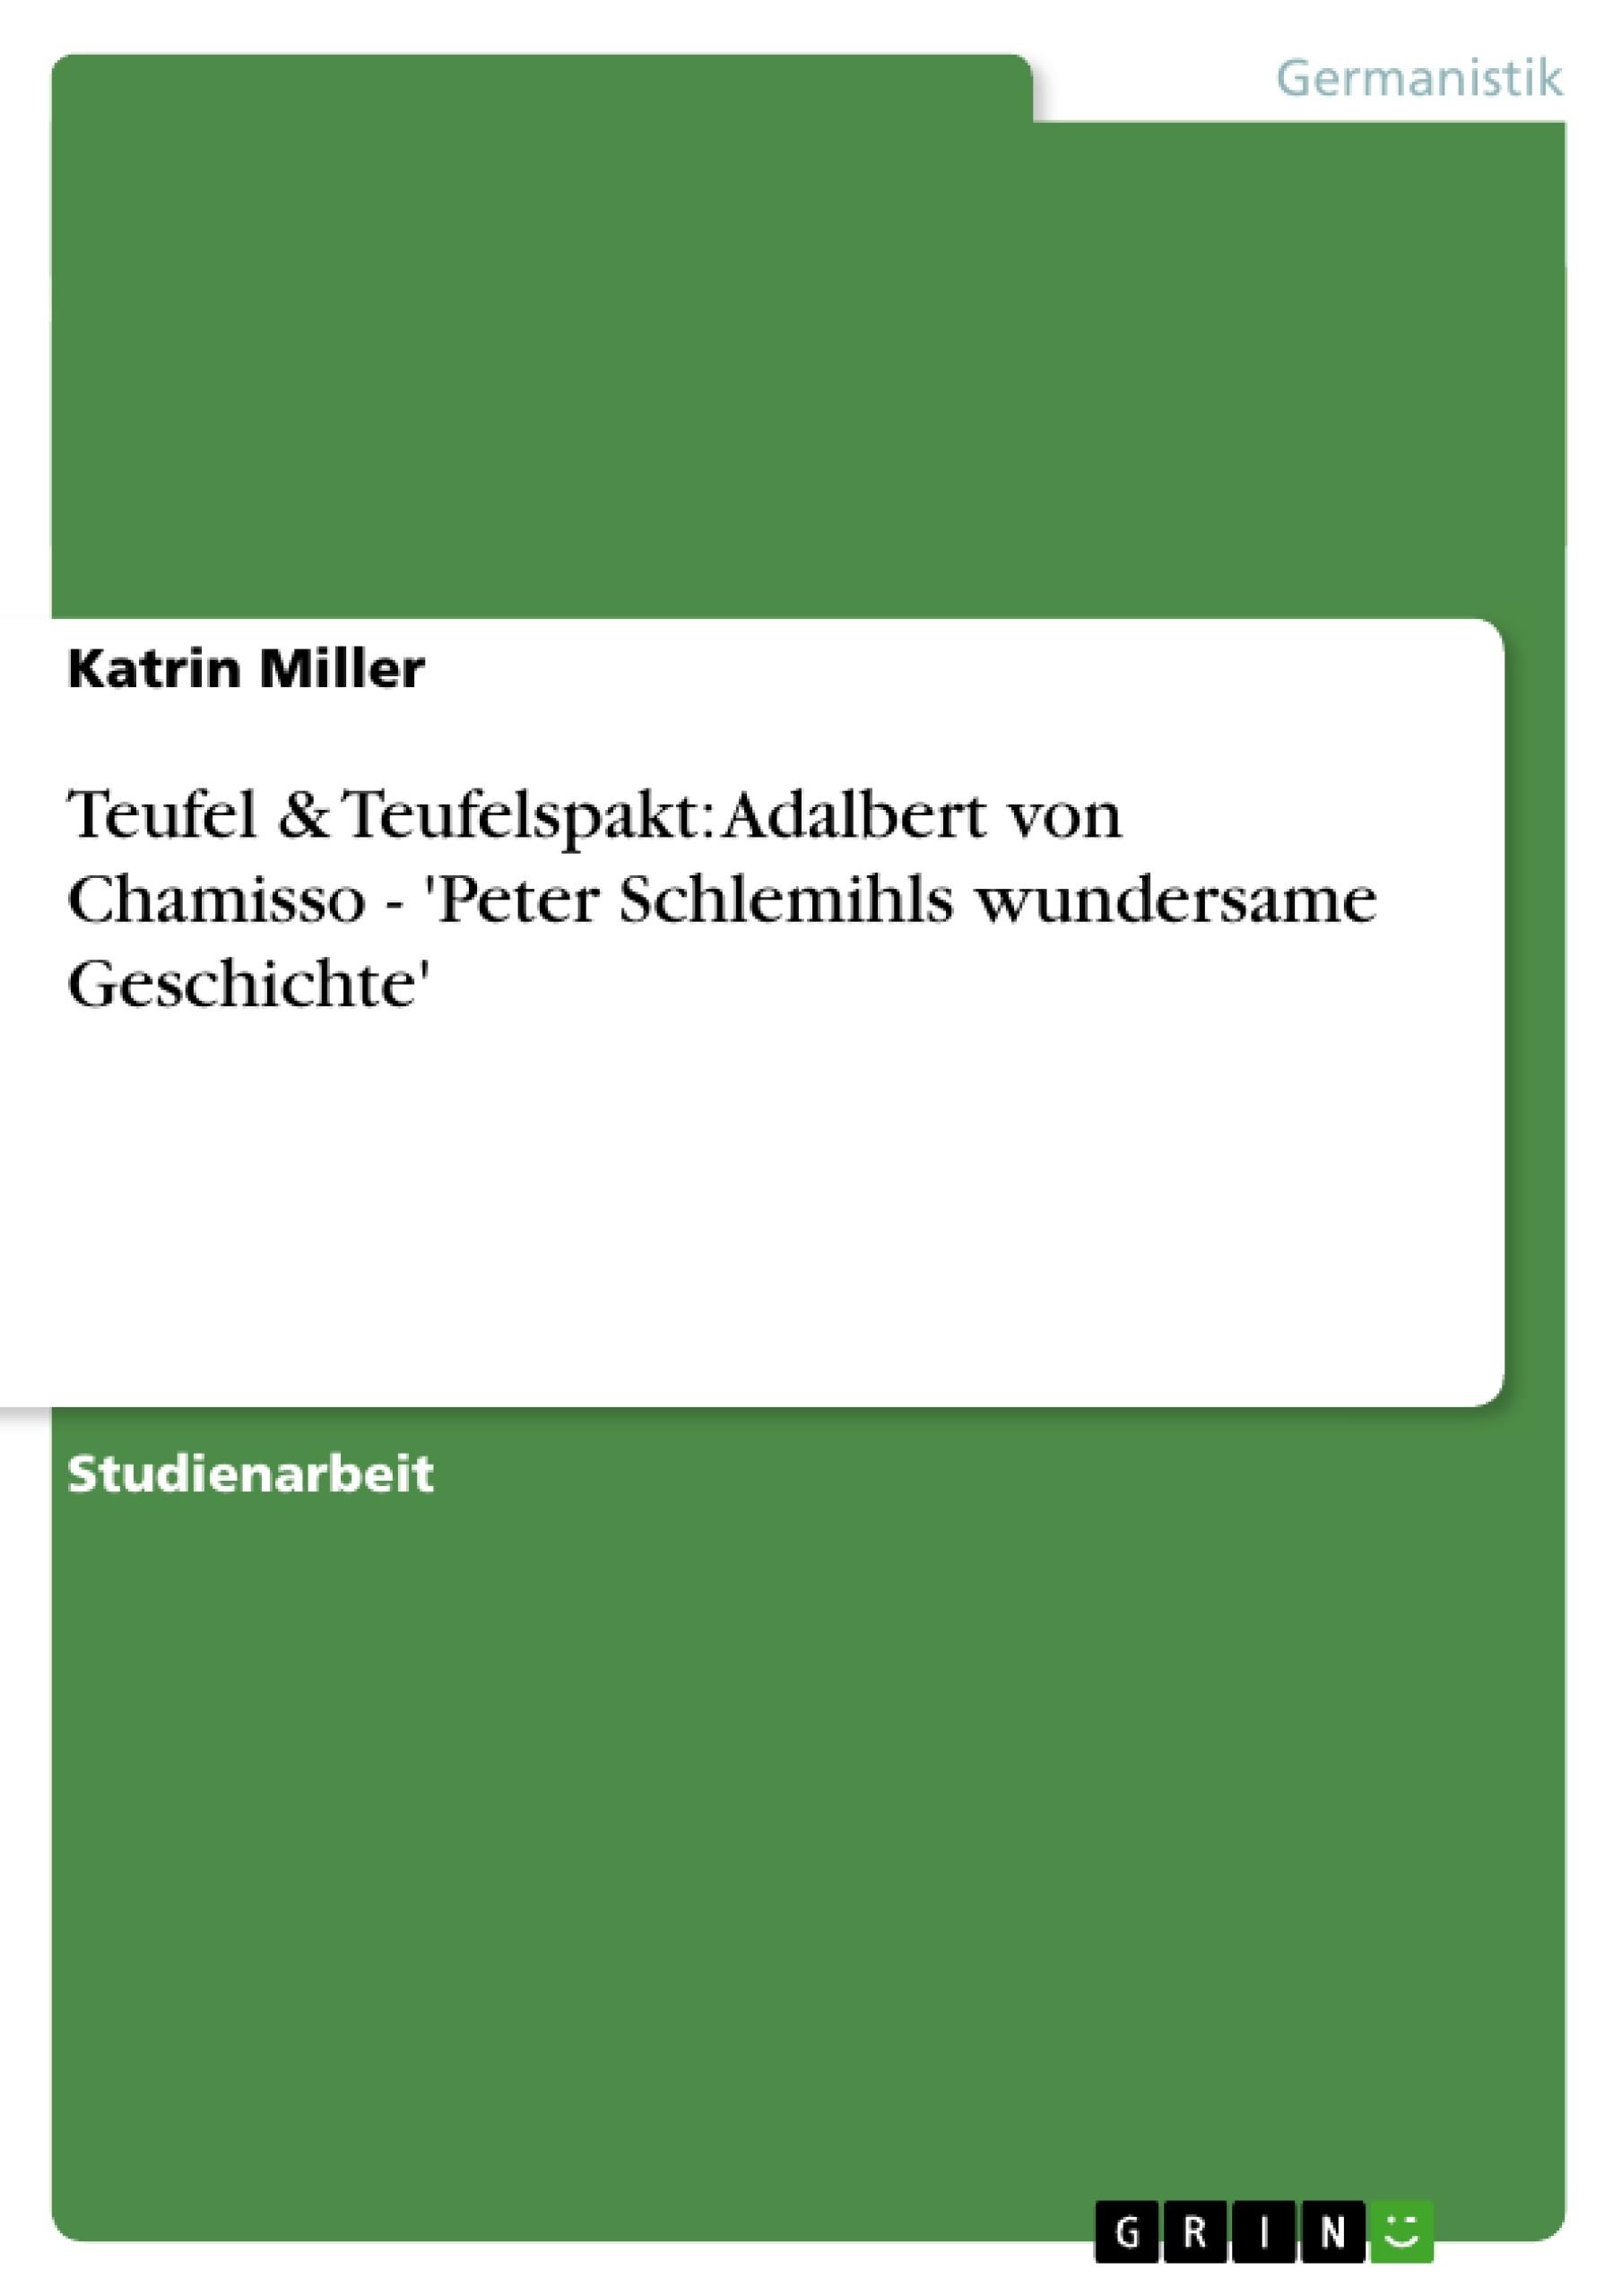 Titel: Teufel & Teufelspakt: Adalbert von Chamisso - 'Peter Schlemihls wundersame Geschichte'